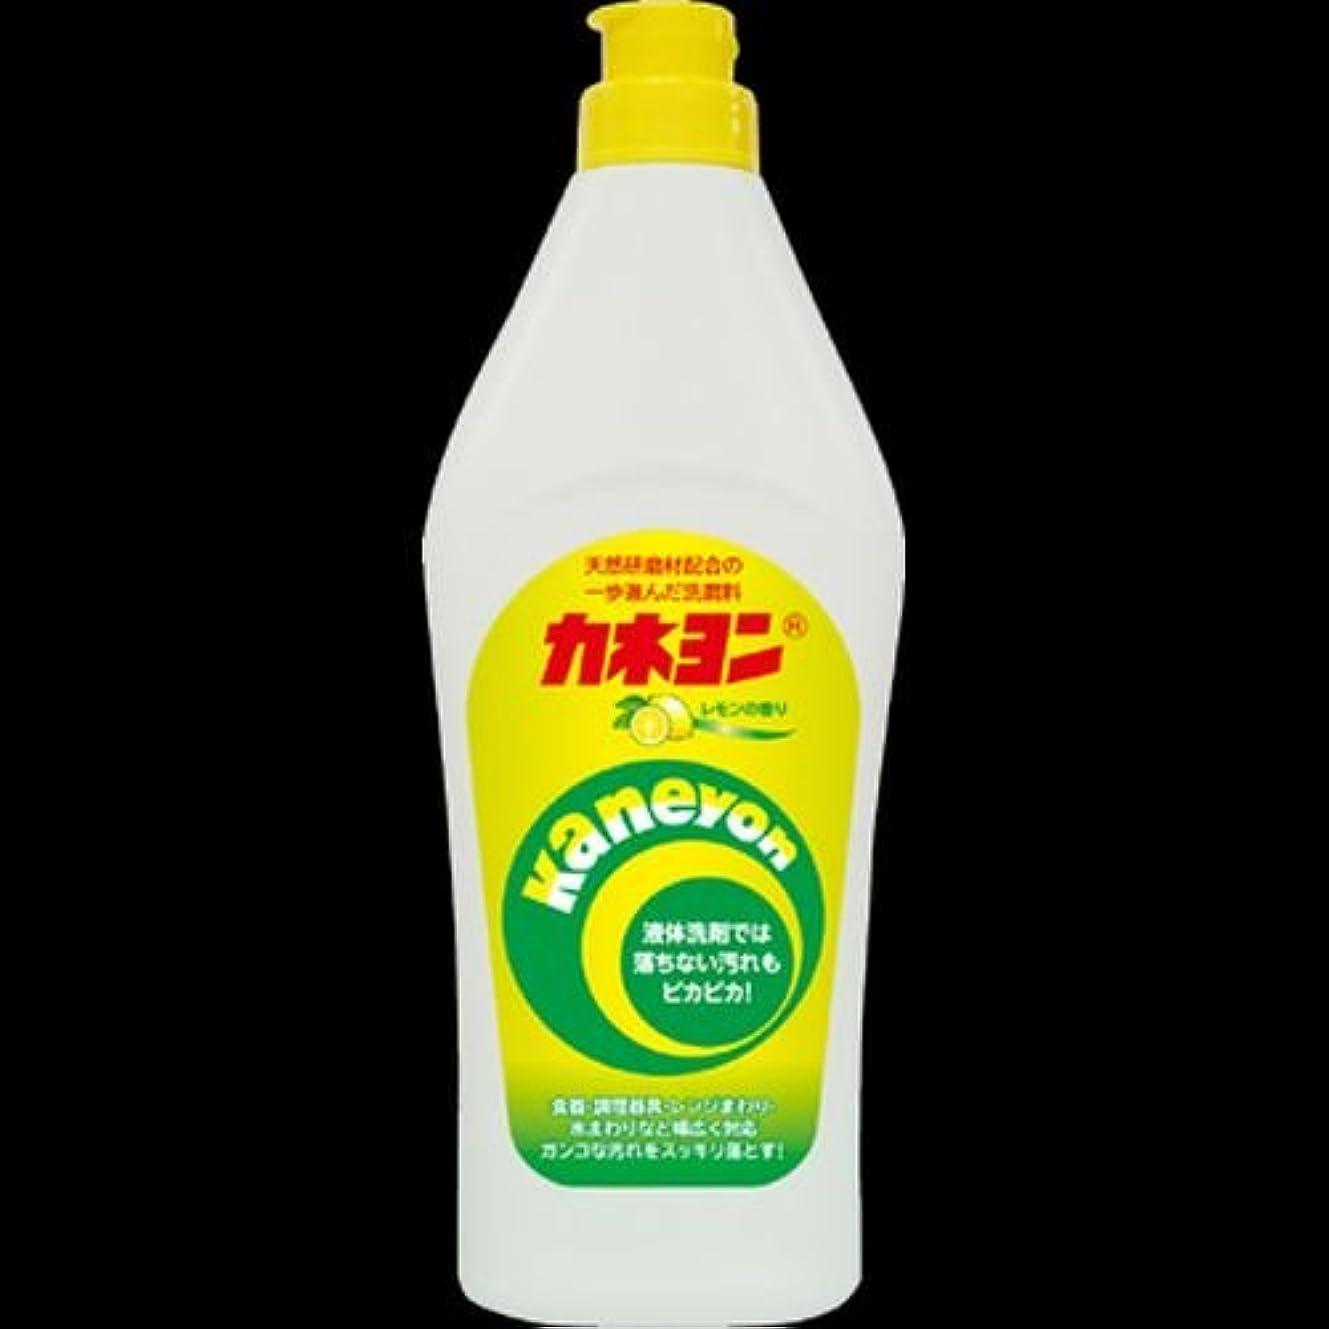 ホイップエージェントアライメント【まとめ買い】カネヨ石鹸 カネヨンレモン 550g ×2セット